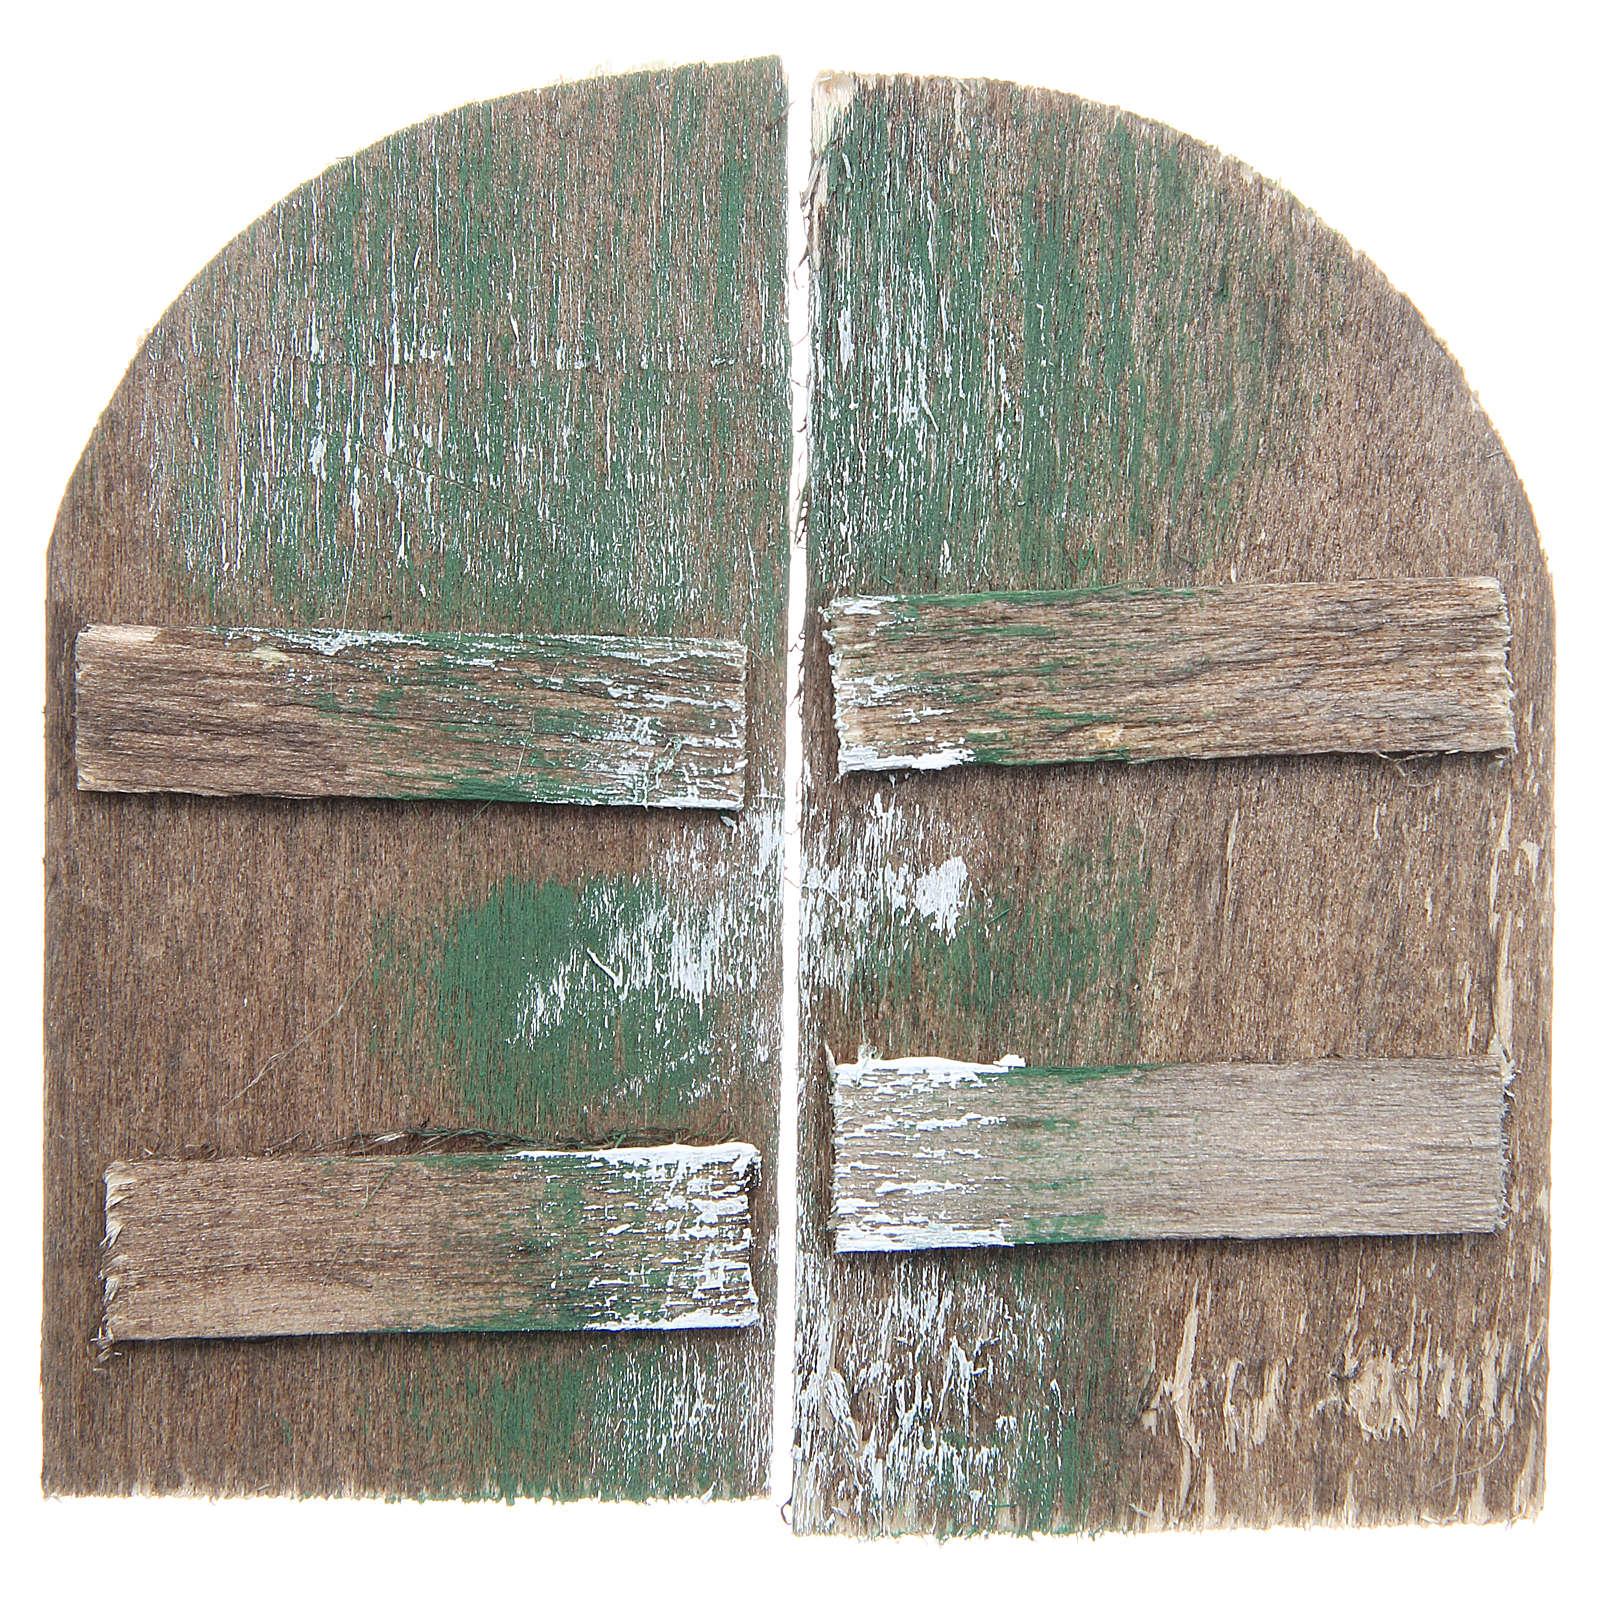 Wooden door for DIY nativities, arch shaped 8.5x4.5, set of 2 4